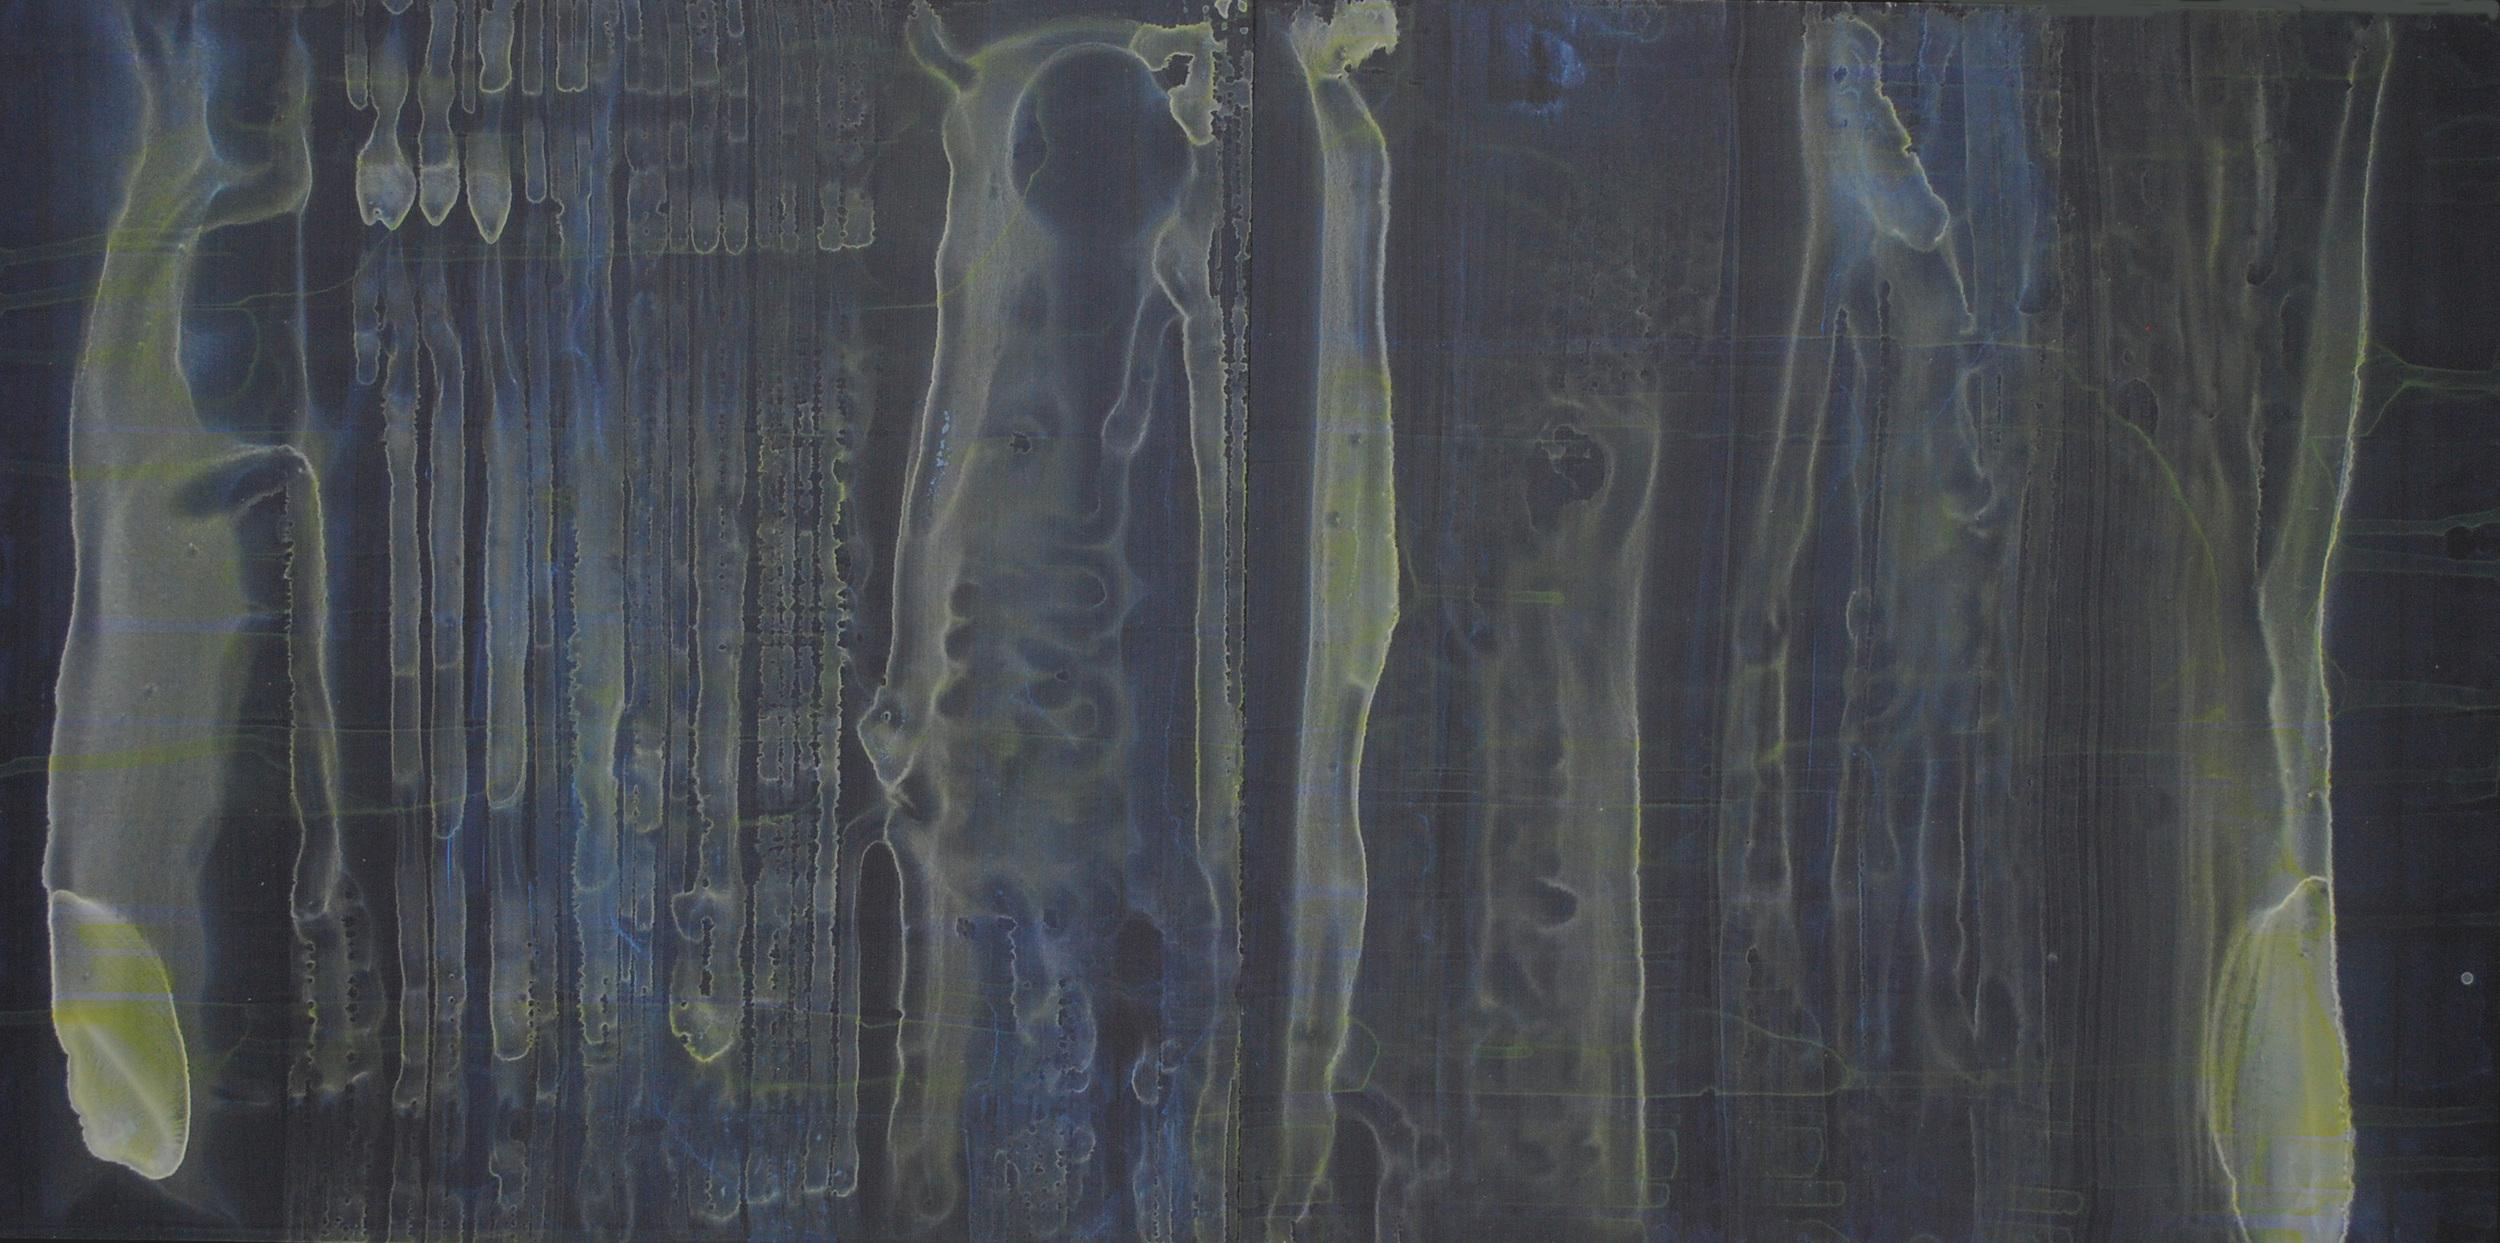 Night Tide 933, Mixed Media on Plexiglas, 17 x 33